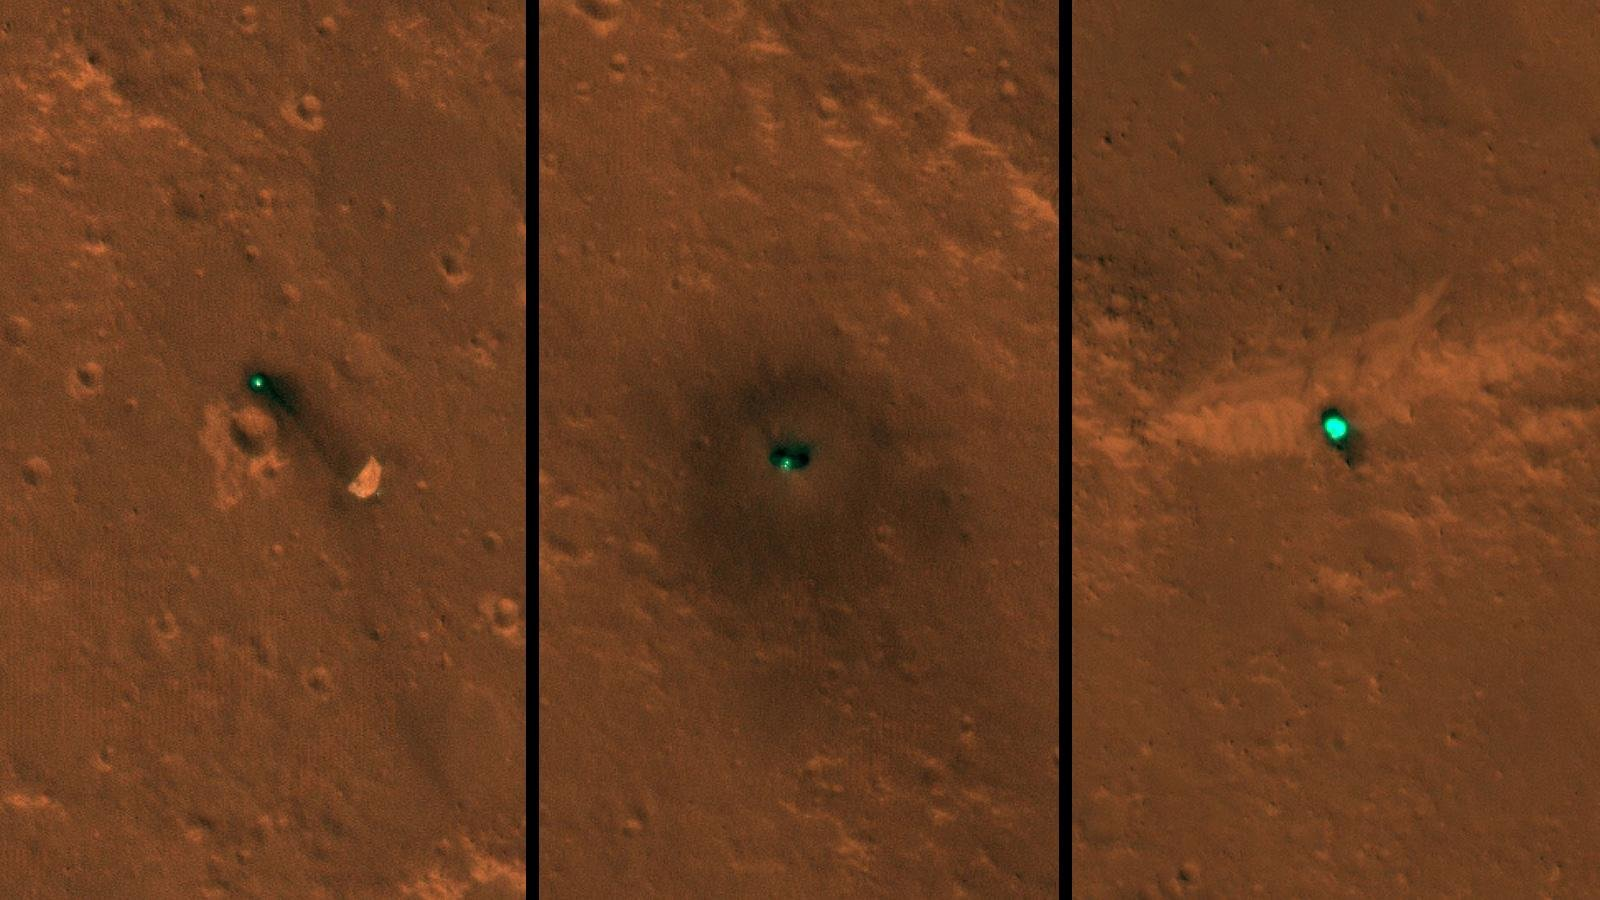 Марсианский аппарат InSight попал на первые снимки из космоса